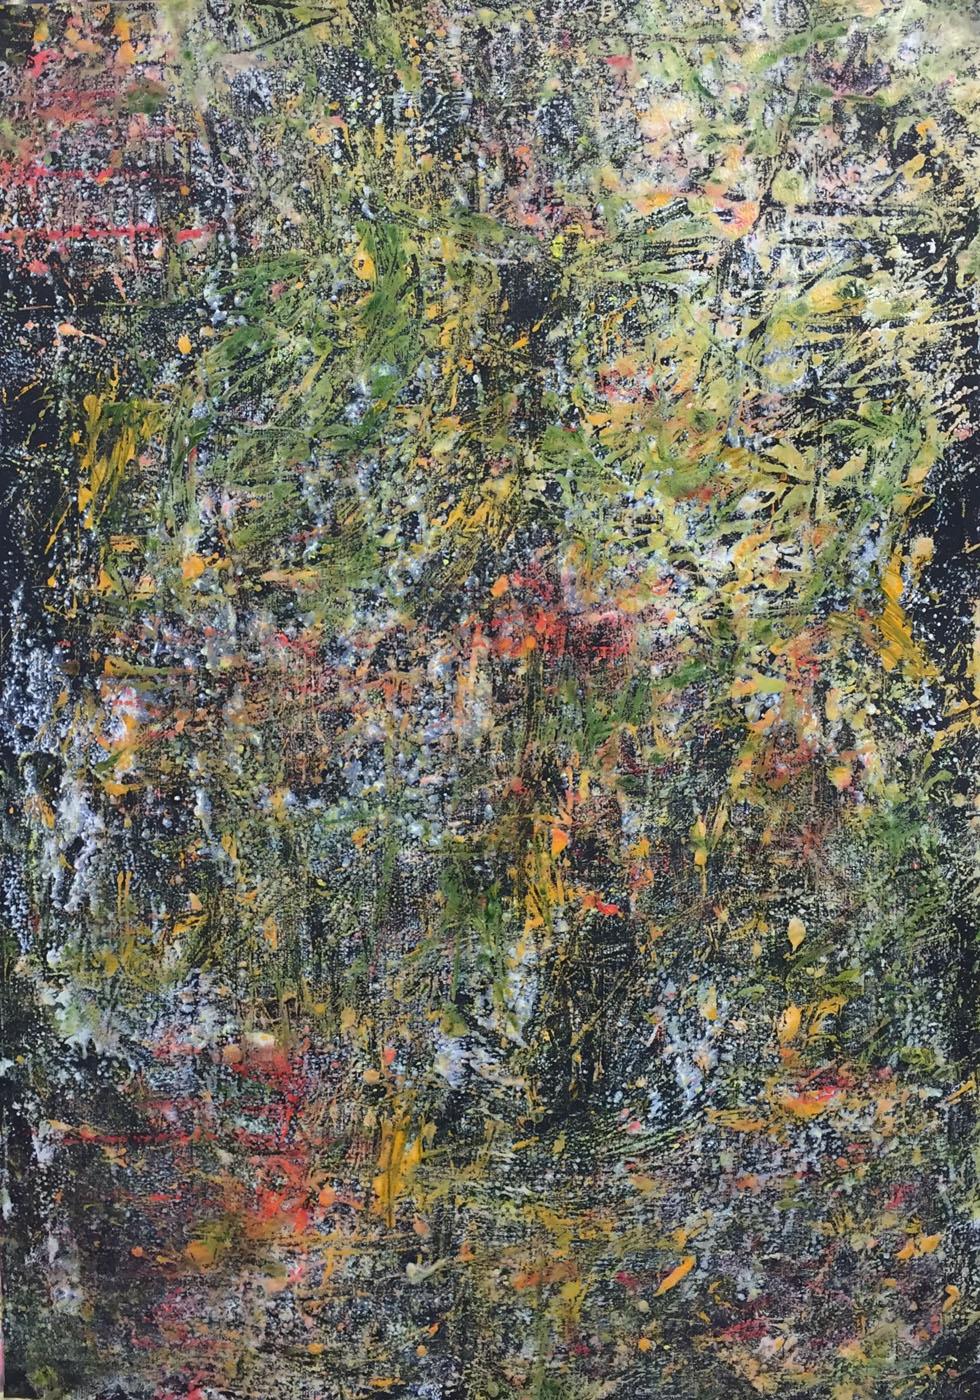 MARC FELD 2020 GROOVE 2 Huile, acrylique et pigment sur papier 70 x 130 cm